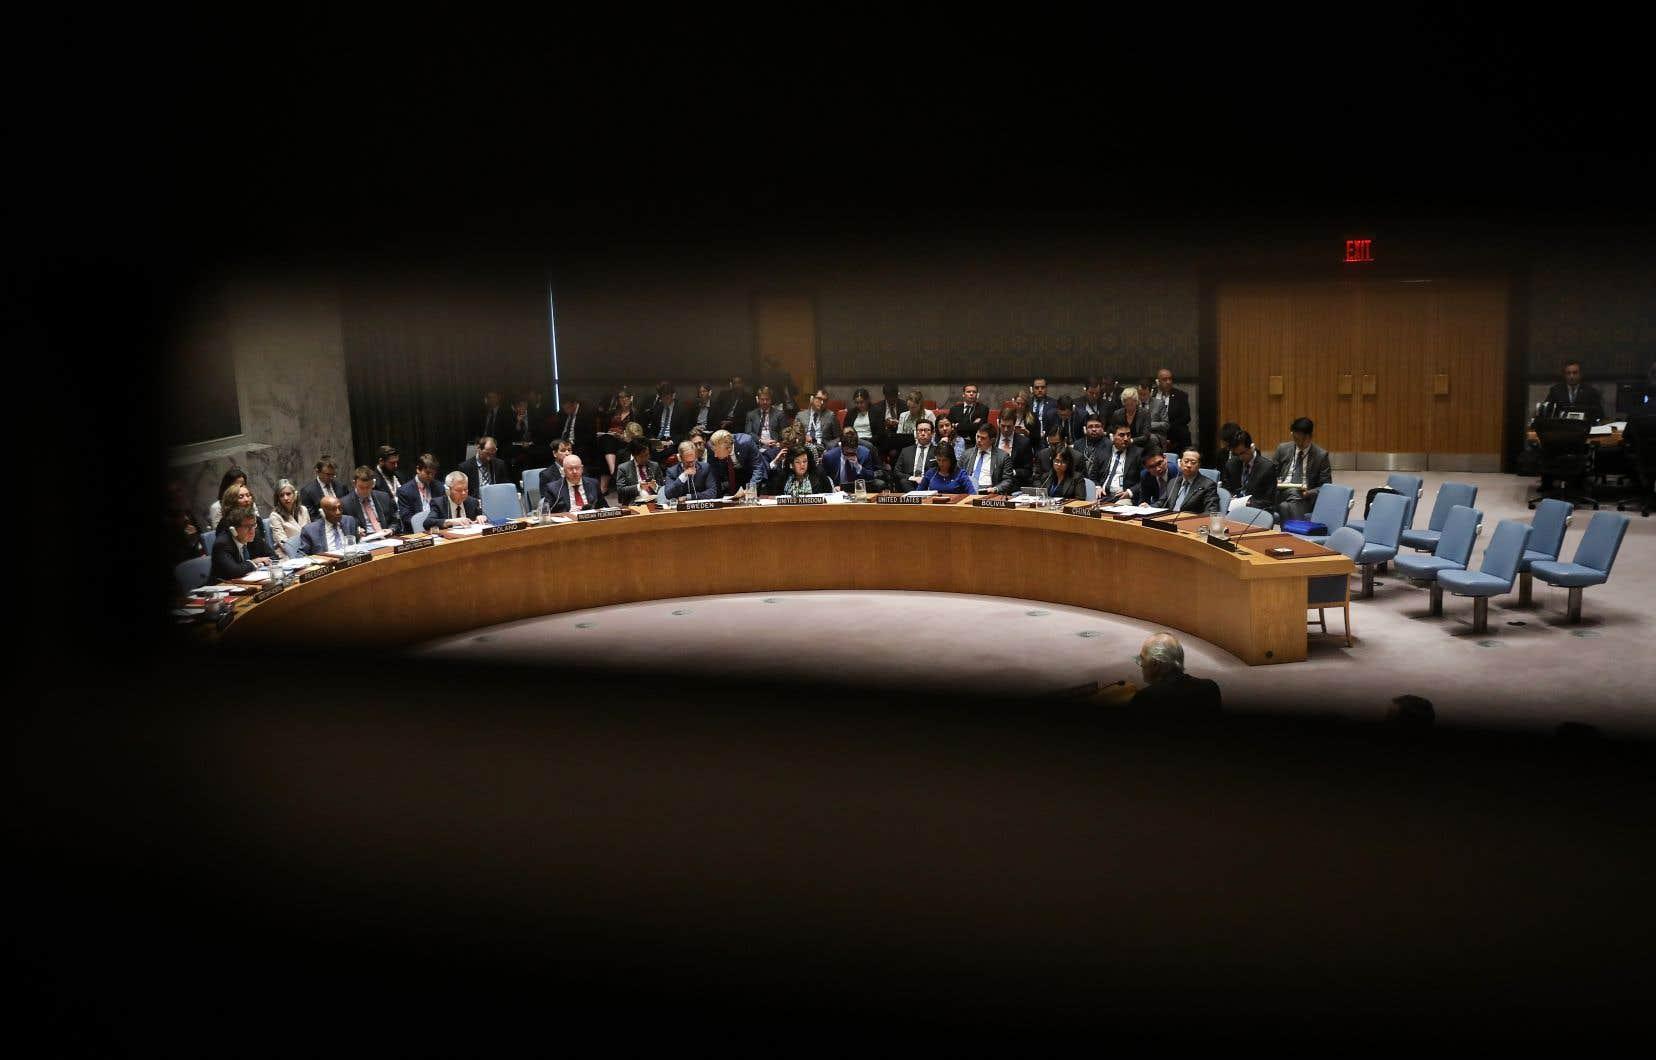 De nouvelles «sanctions russes» seront prises, a annoncé l'ambassadrice américaine à l'ONU, Nikki Haley.